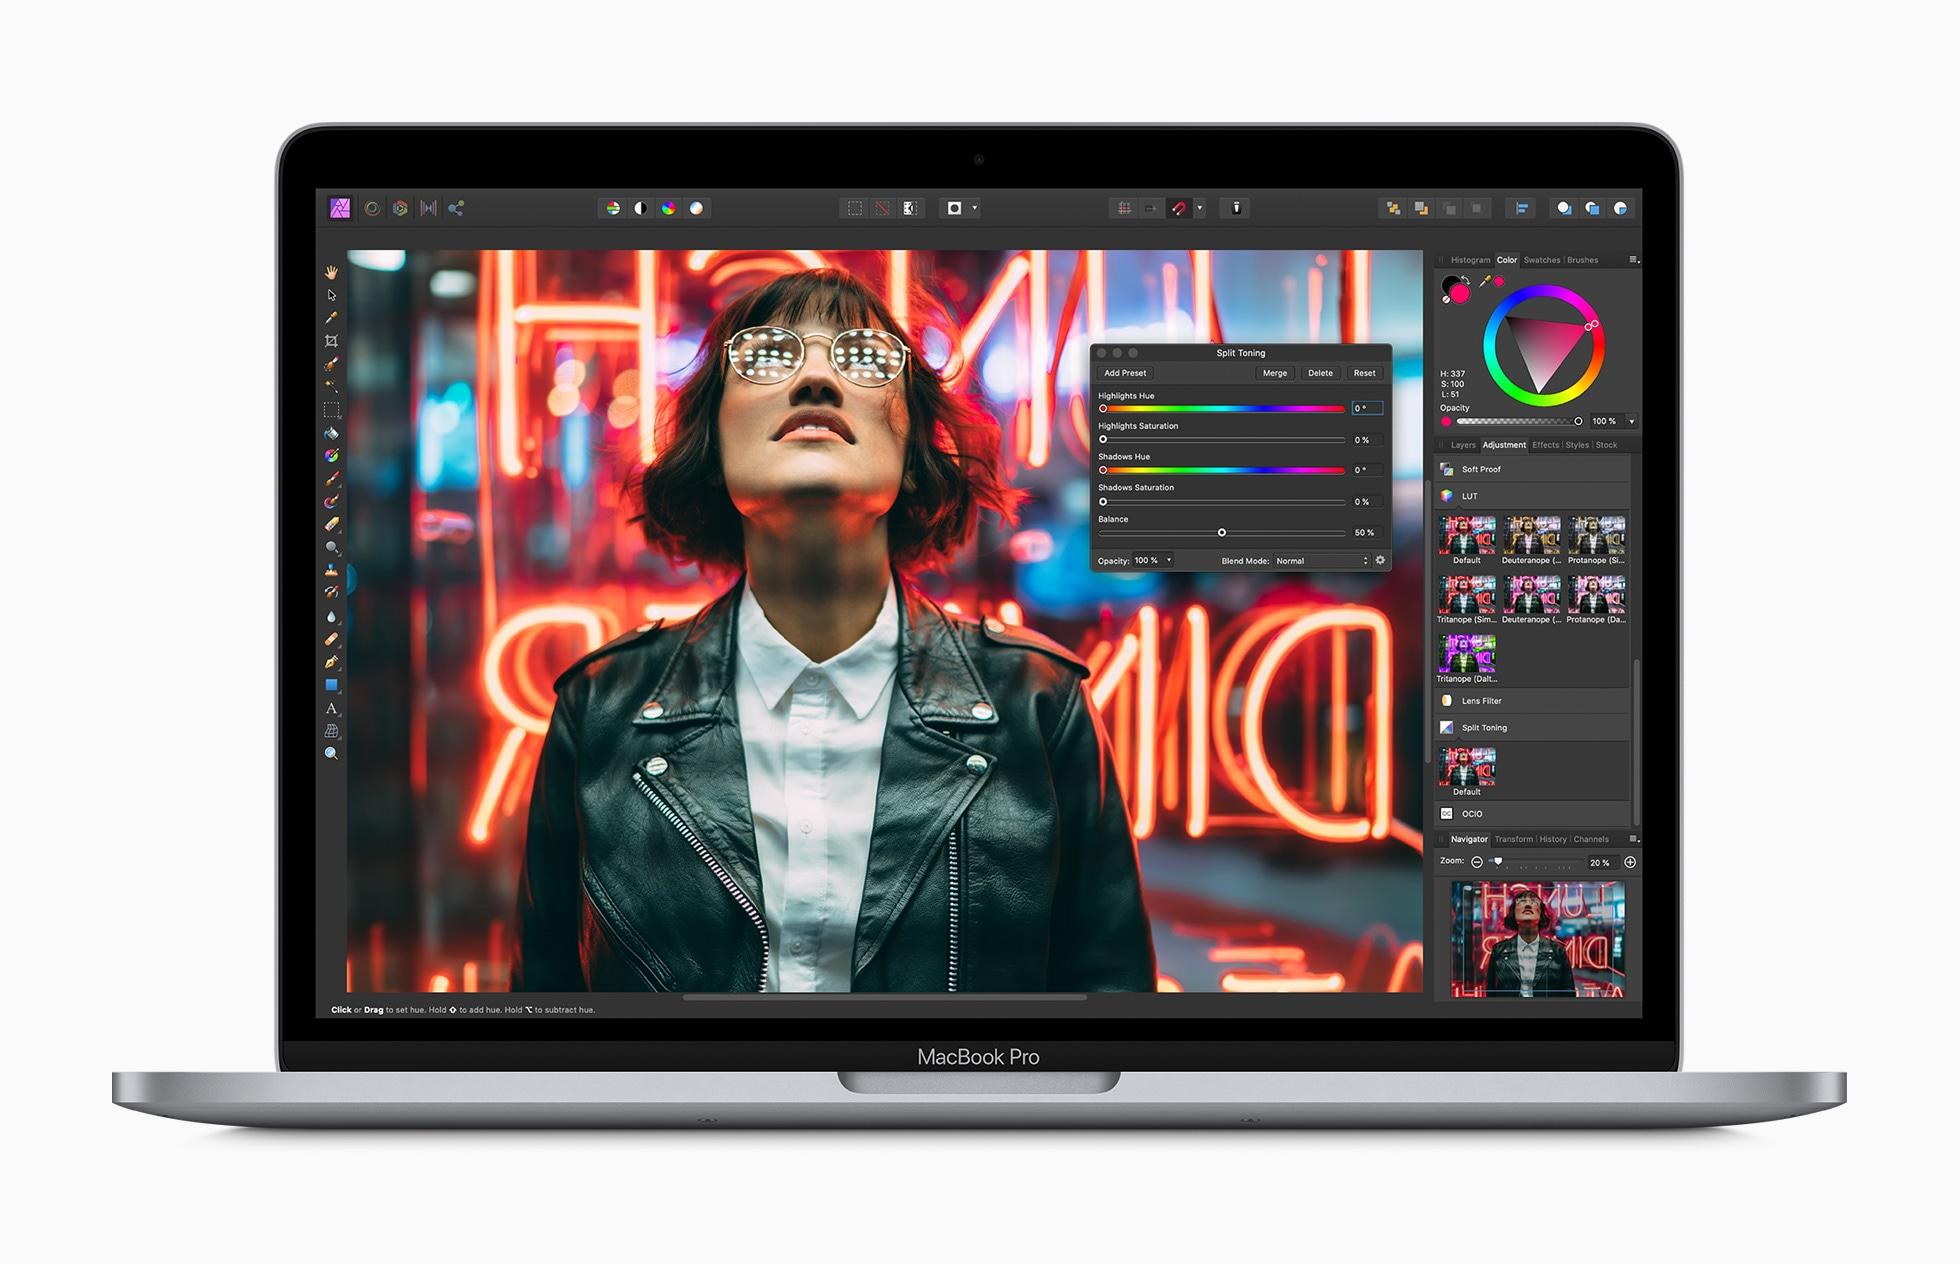 macbook pro 13 2020 (3)